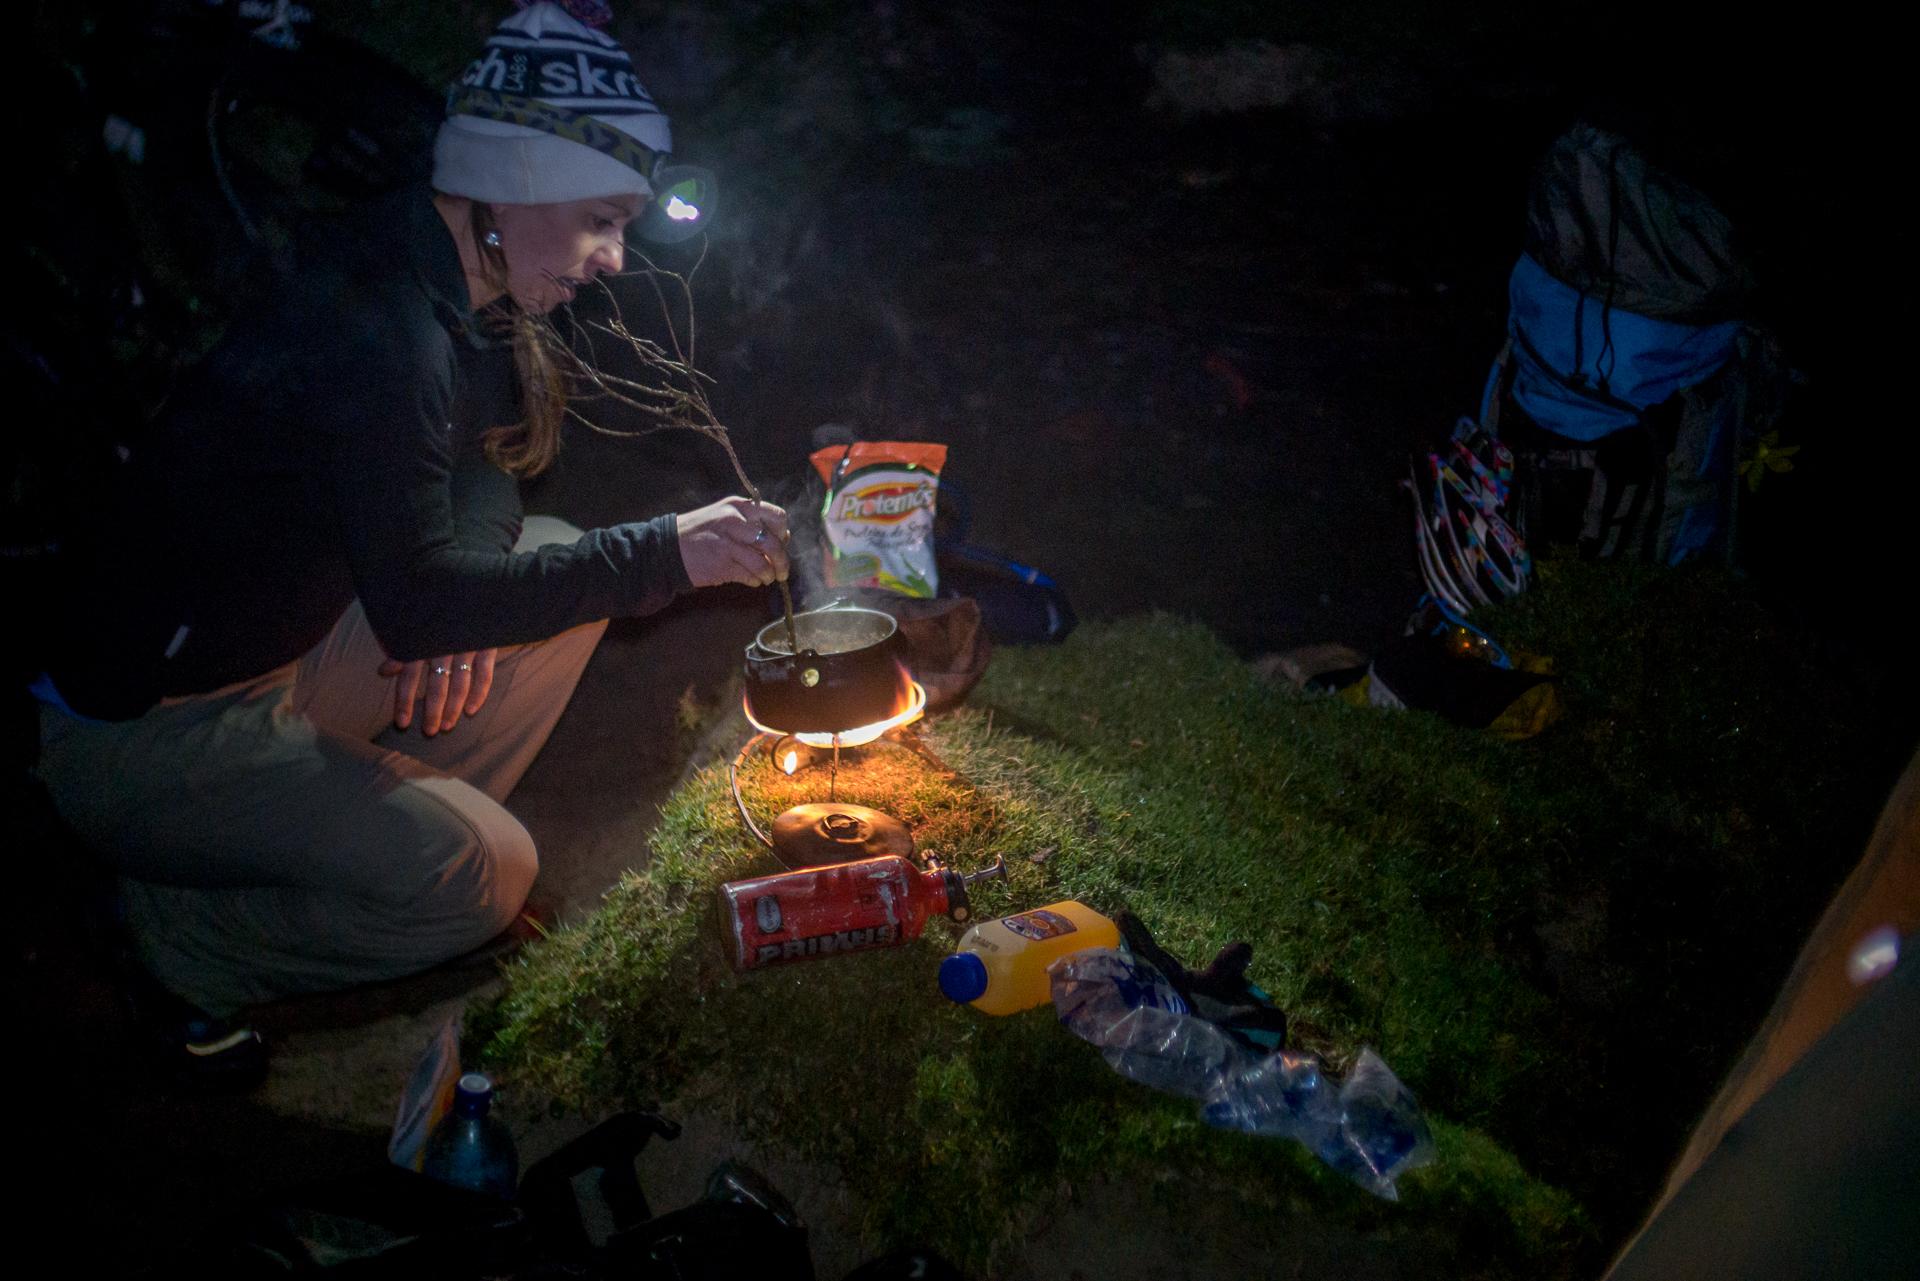 web_vc-ep01-02-camping-007-6x4